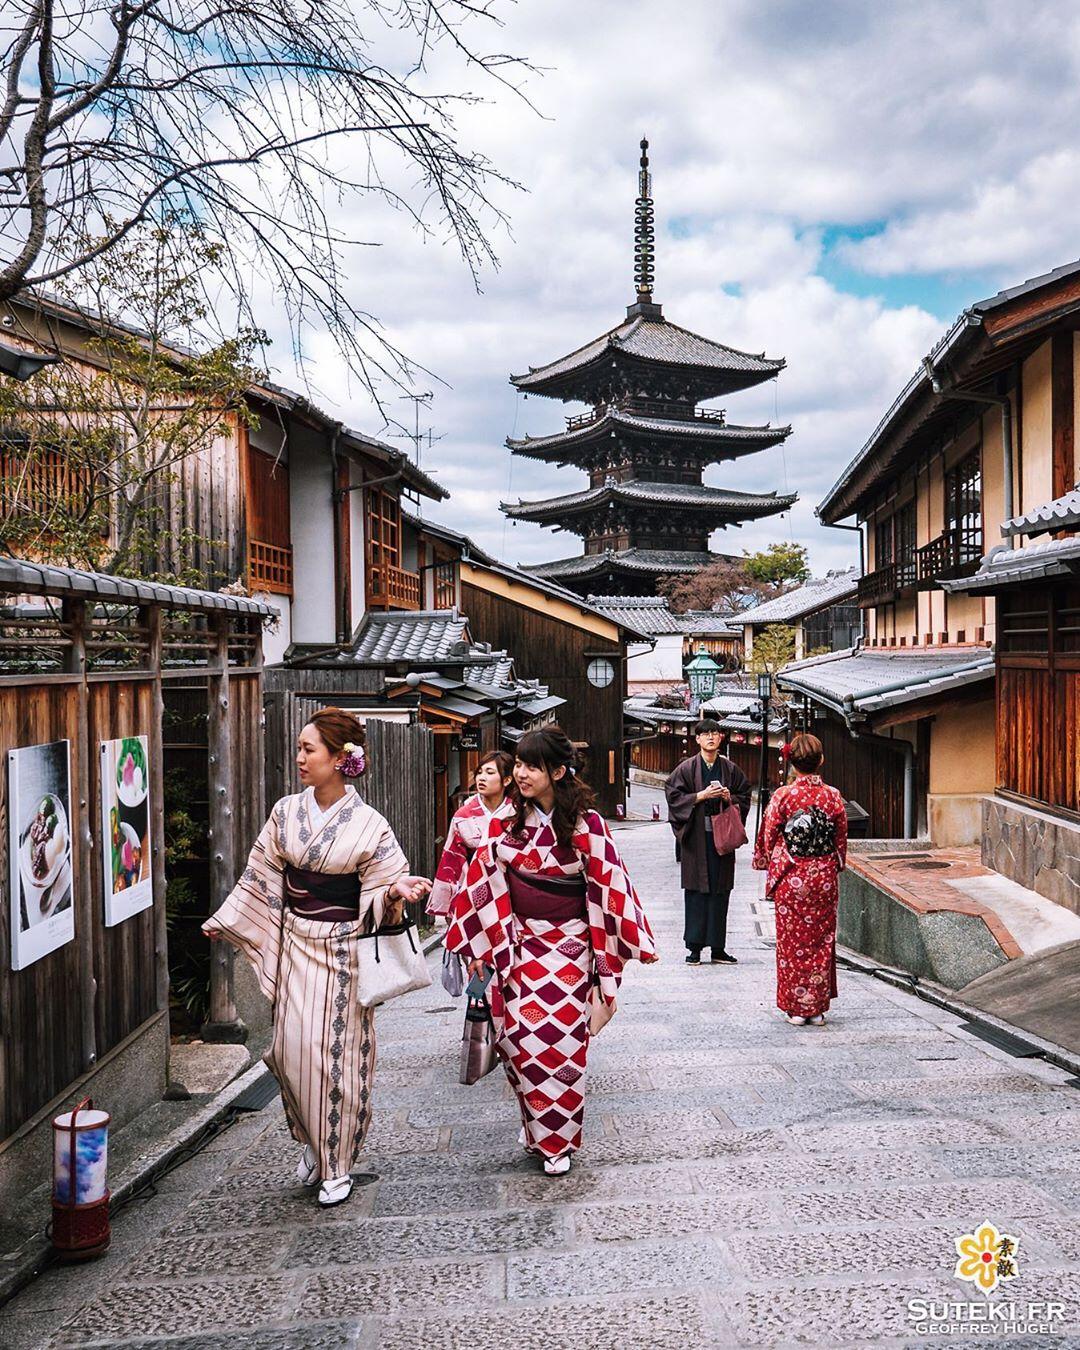 Dans la continuité de la précédente photo, on retrouve un magnifique décor, et de non moins jolies demoiselles en kimono !  En fait je ne sais pas s'il y a besoin d'en dire plus 😁  Ah si, je pourrai rajouter que cette photo a été faite en plein après-midi et qu'il y avait donc du monde. Mais avec de l'expérience et du flair, j'ai pu anticiper la scène, me positionner et cadrer de manière à ne voir que des gens en kimono !  Bon je suis quand même curieux de connaître votre avis comme à chaque fois 😄 A vos commentaires haha 😜 . . . . . #kyotojapan #kyotogram #kyotolove #japanesegirls #lumix #japanesetemple #kimono #beautifulkyoto #ilovekyoto #visitjapanjp #worldplaces #visitjapanfr #discoverjapan #discoverkyoto #そうだ京都行こう #京都 #京都旅 #京都好き #日本を休もう #京都カメラ部